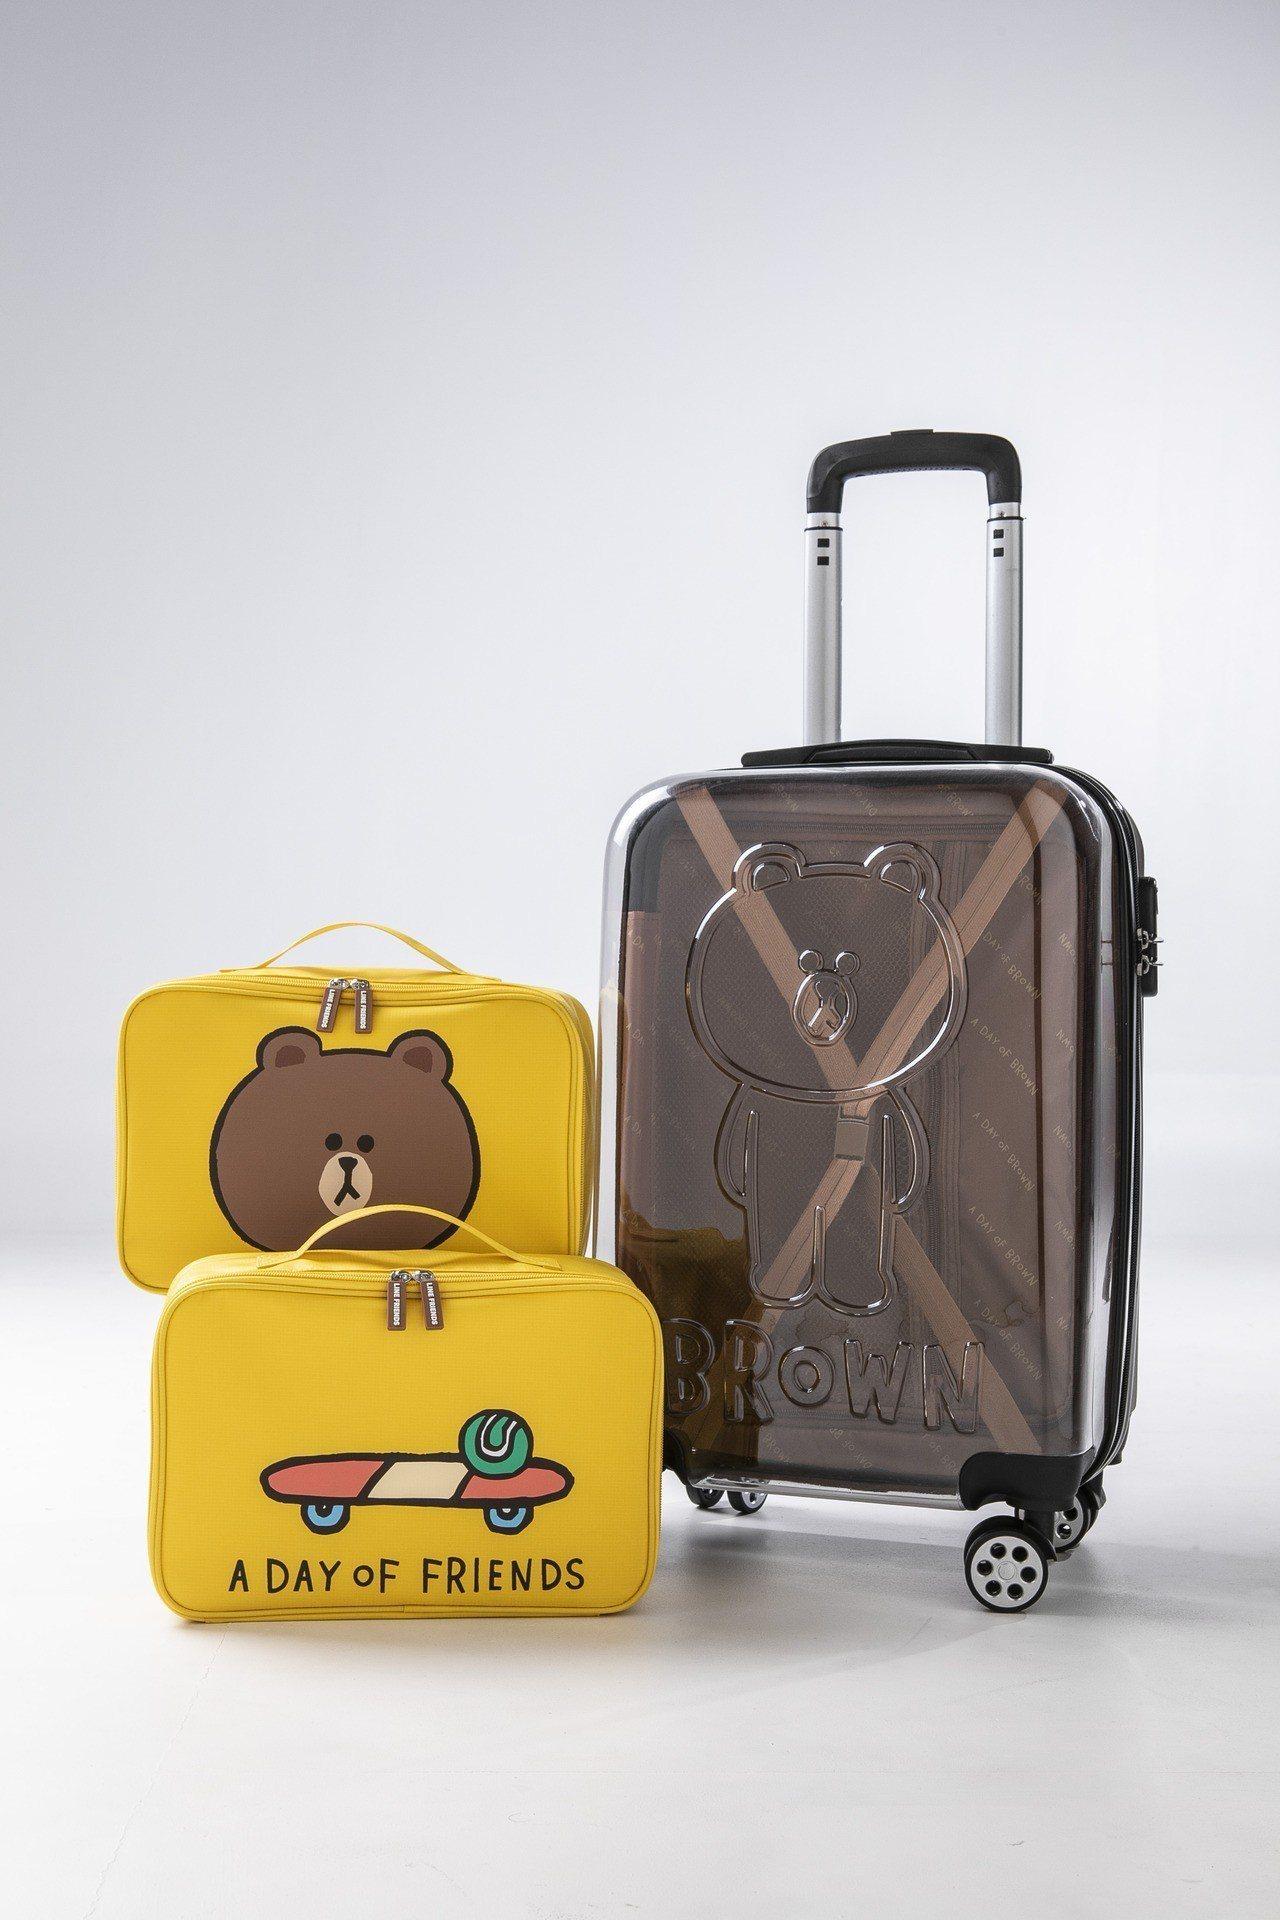 「看透心事登機箱」採用熊大透明浮雕設計,並內附兩個大容量收納袋。圖/屈臣氏提供